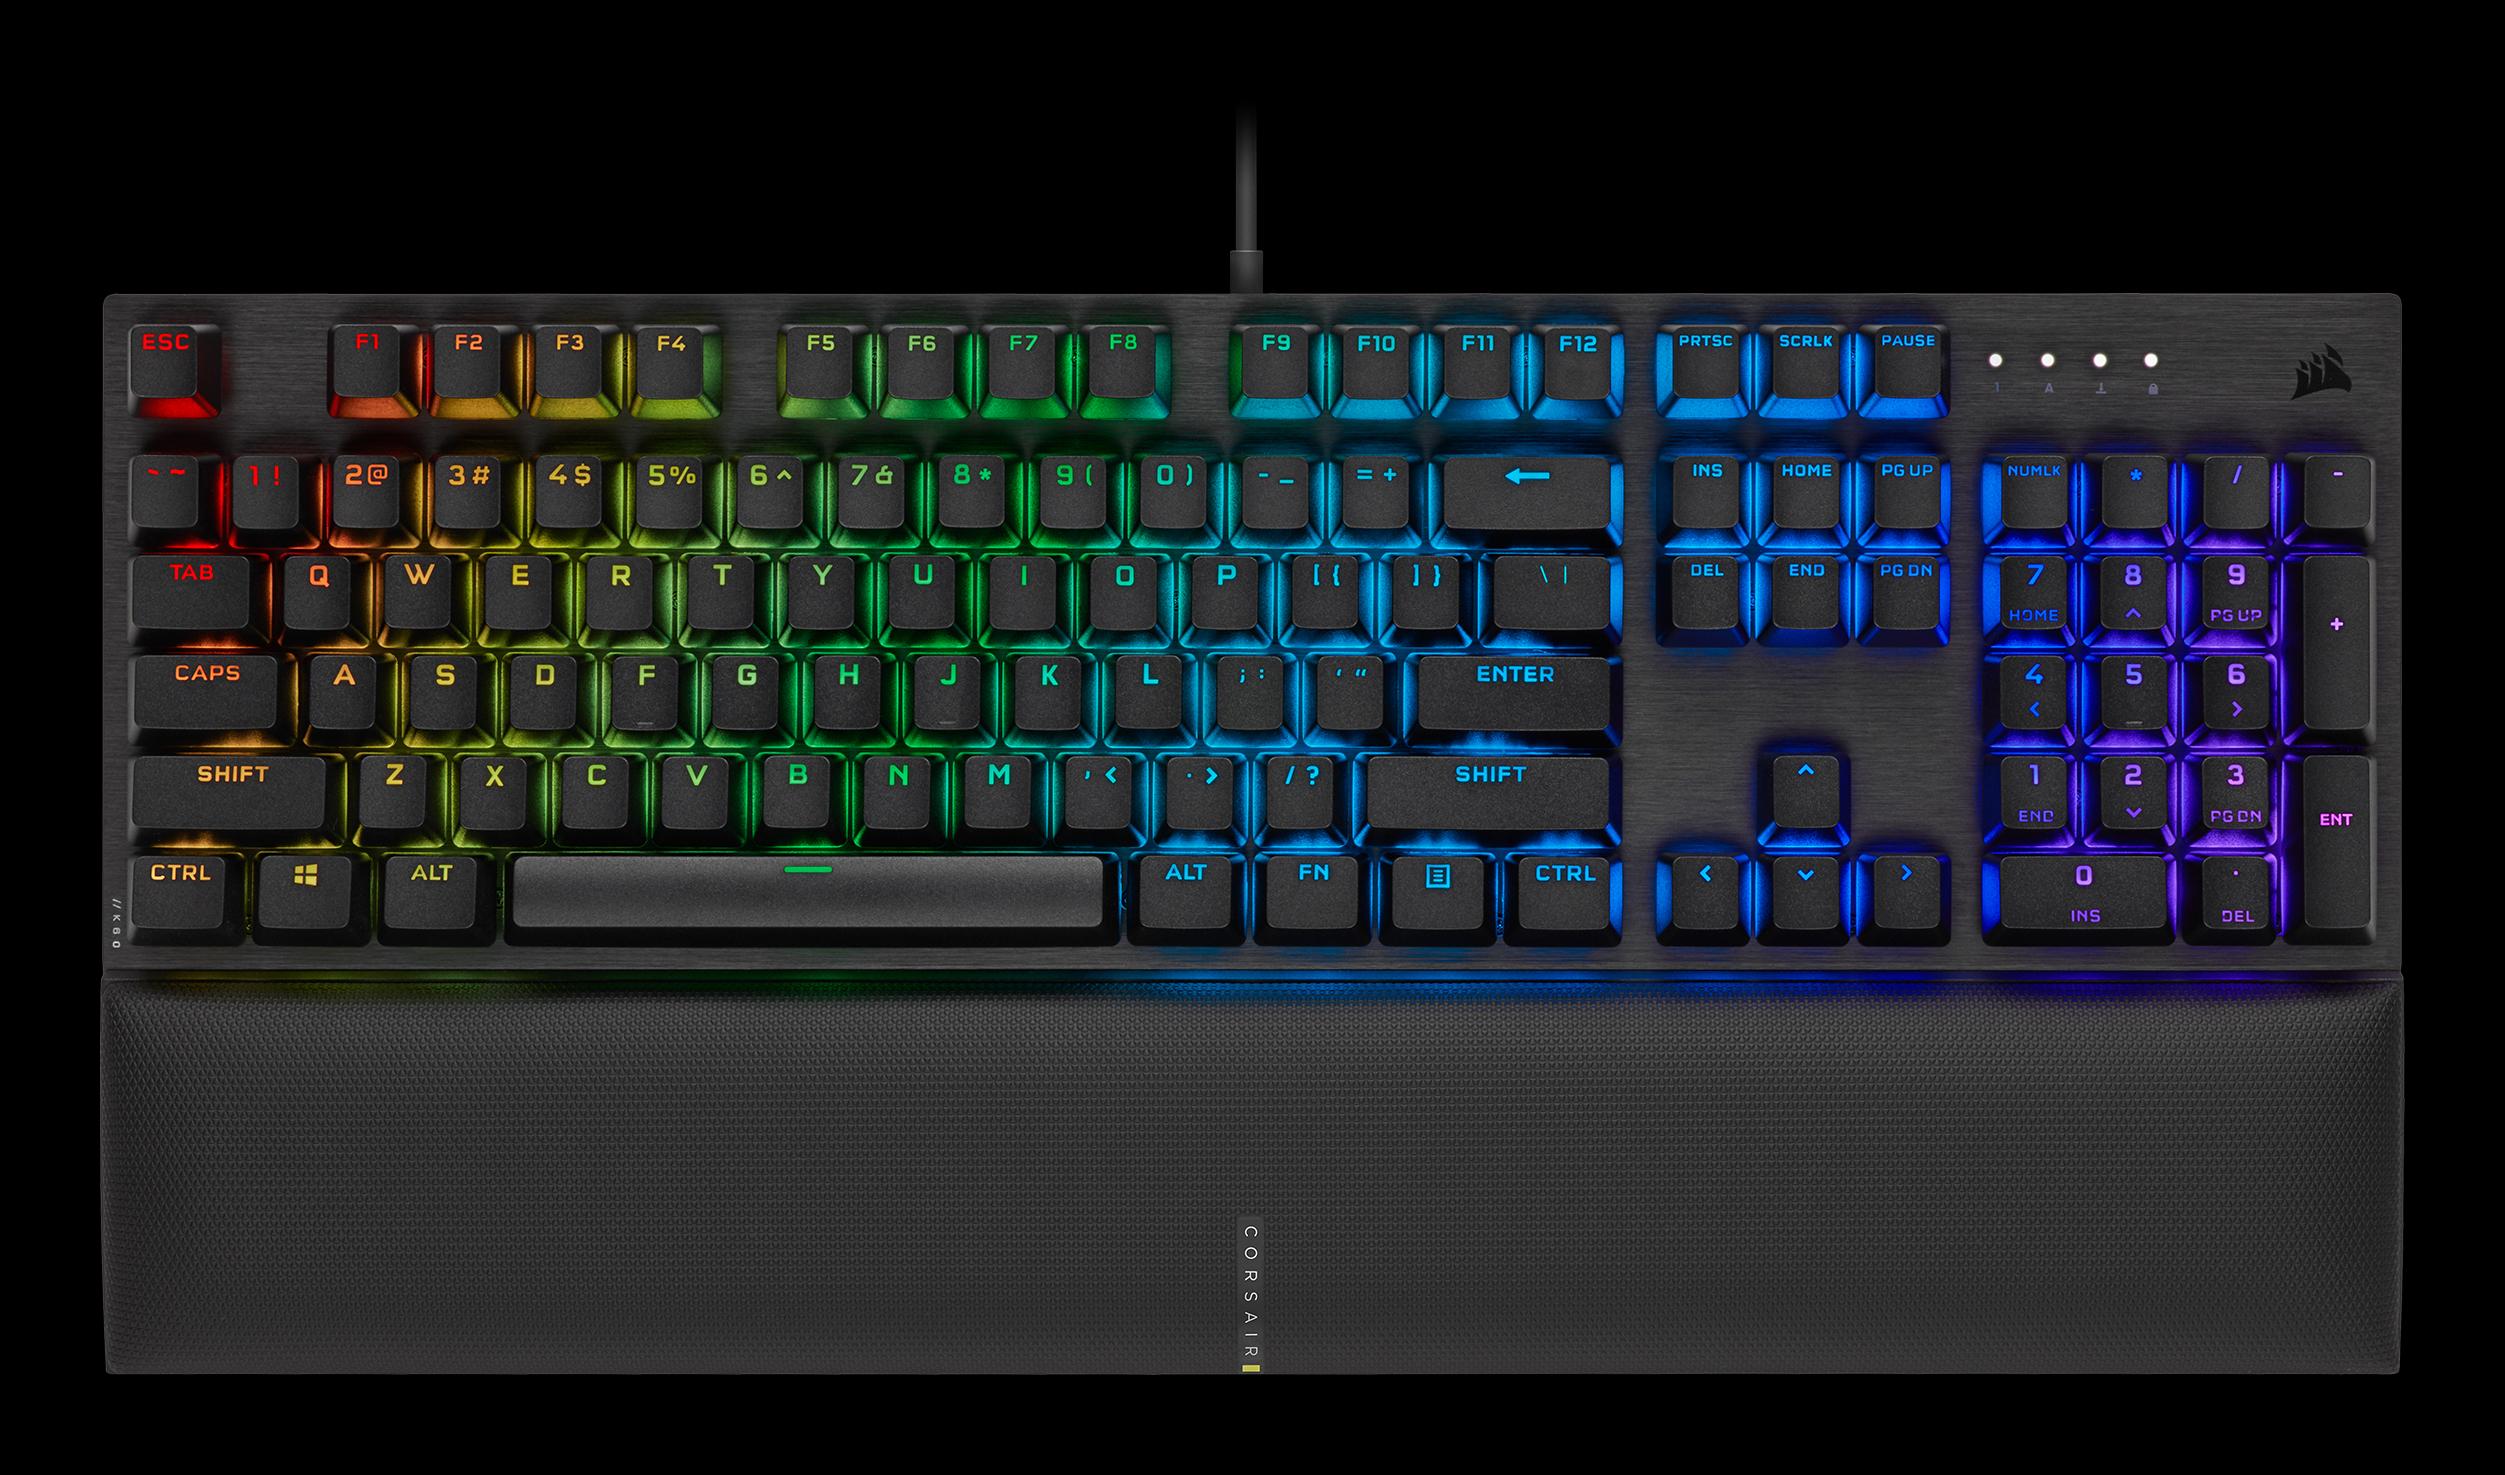 Bàn phím Corsair K60 PRO SE (USB/RGB LED/Cherry MX Viola) (CH-910D119-NA) tích hợp đèn led RGB 16.8 triệu màu